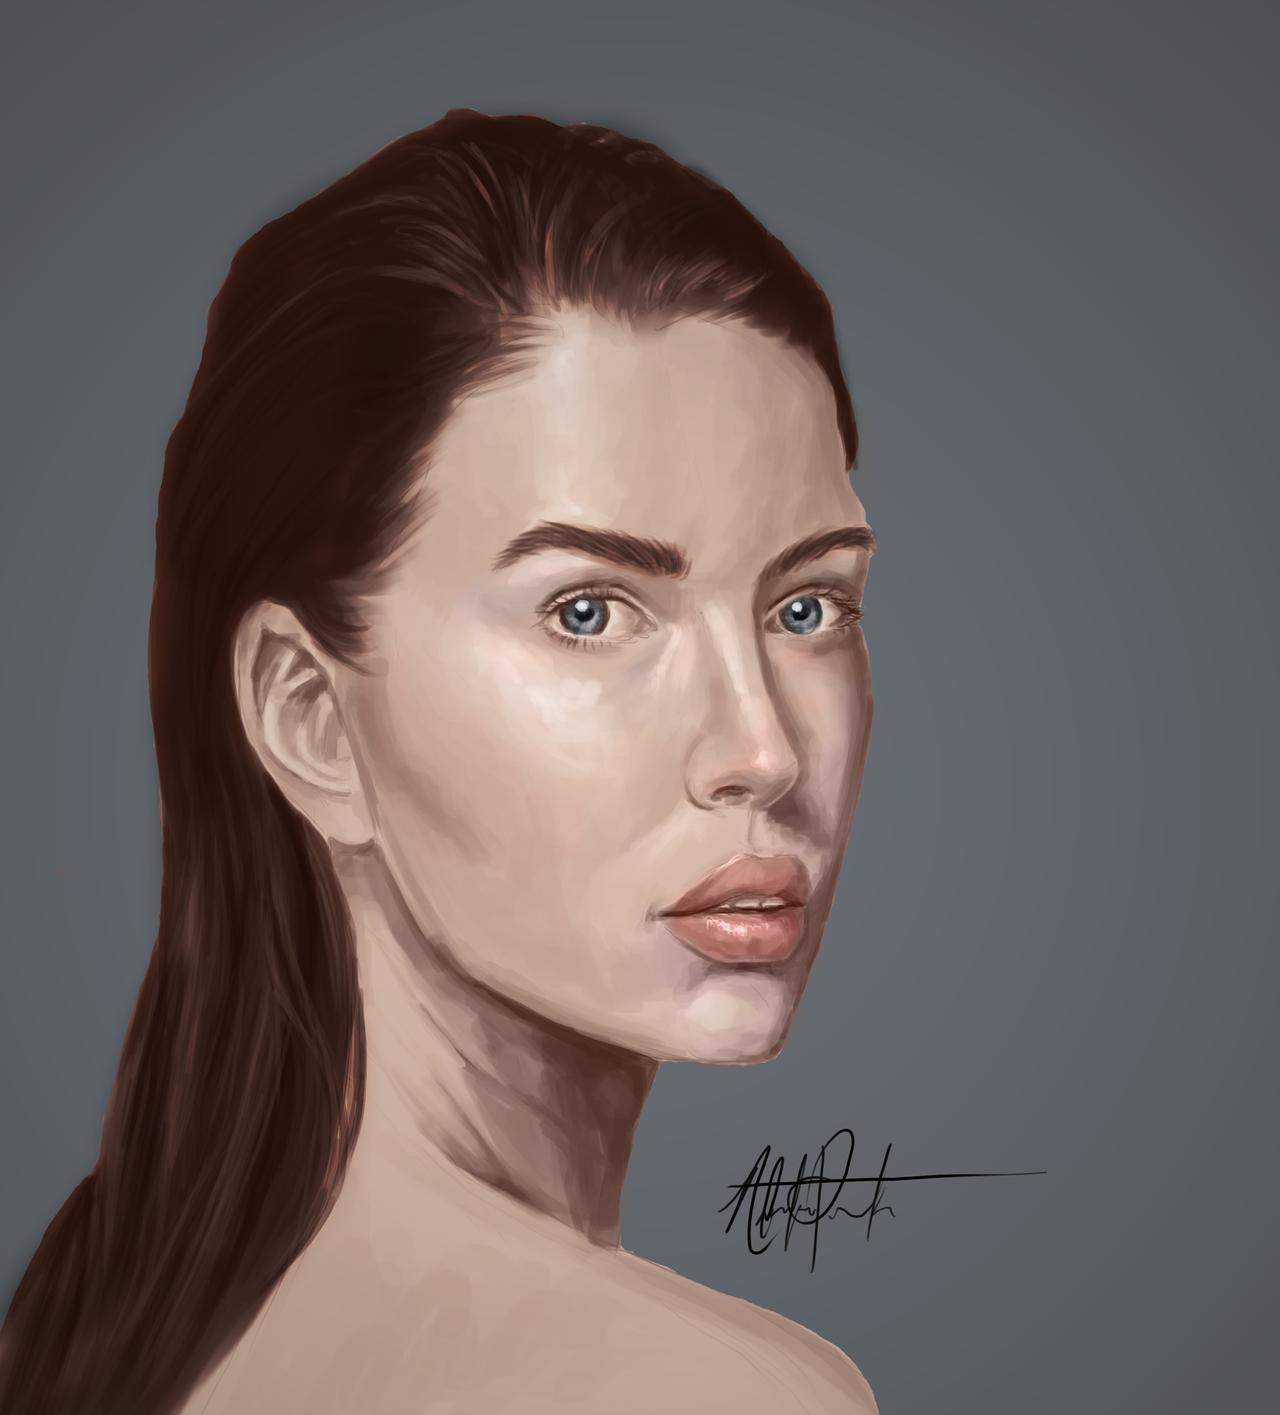 AliNere's Profile Picture